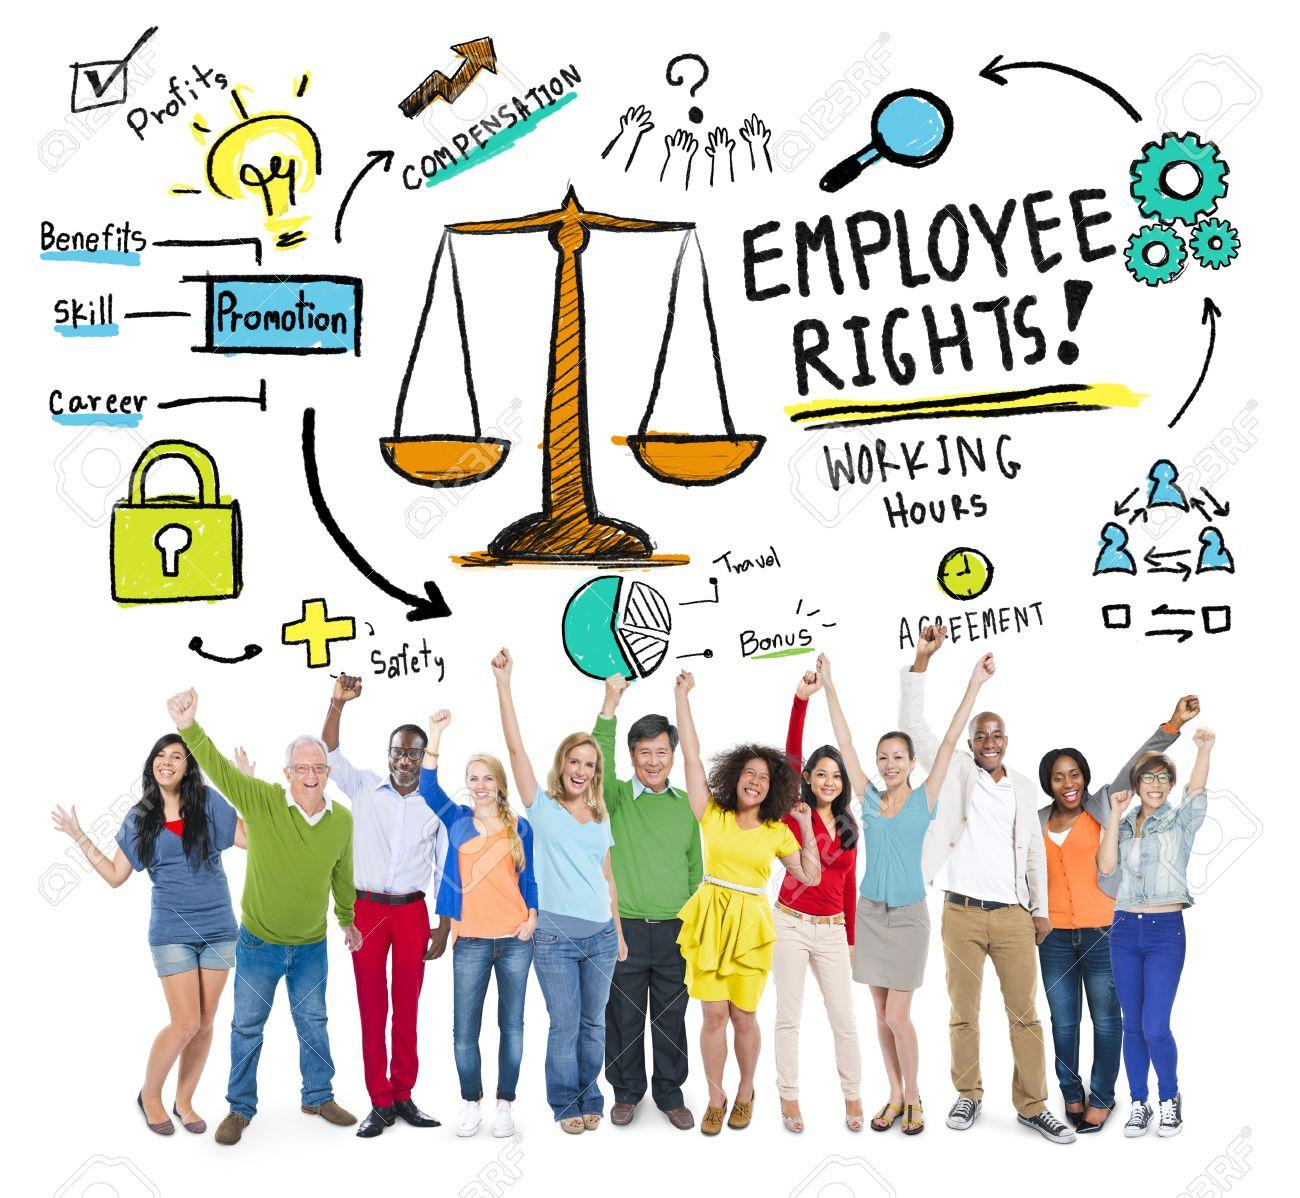 طب کار تامین اجتماعی, طب کار و قانون تامین اجتماعی